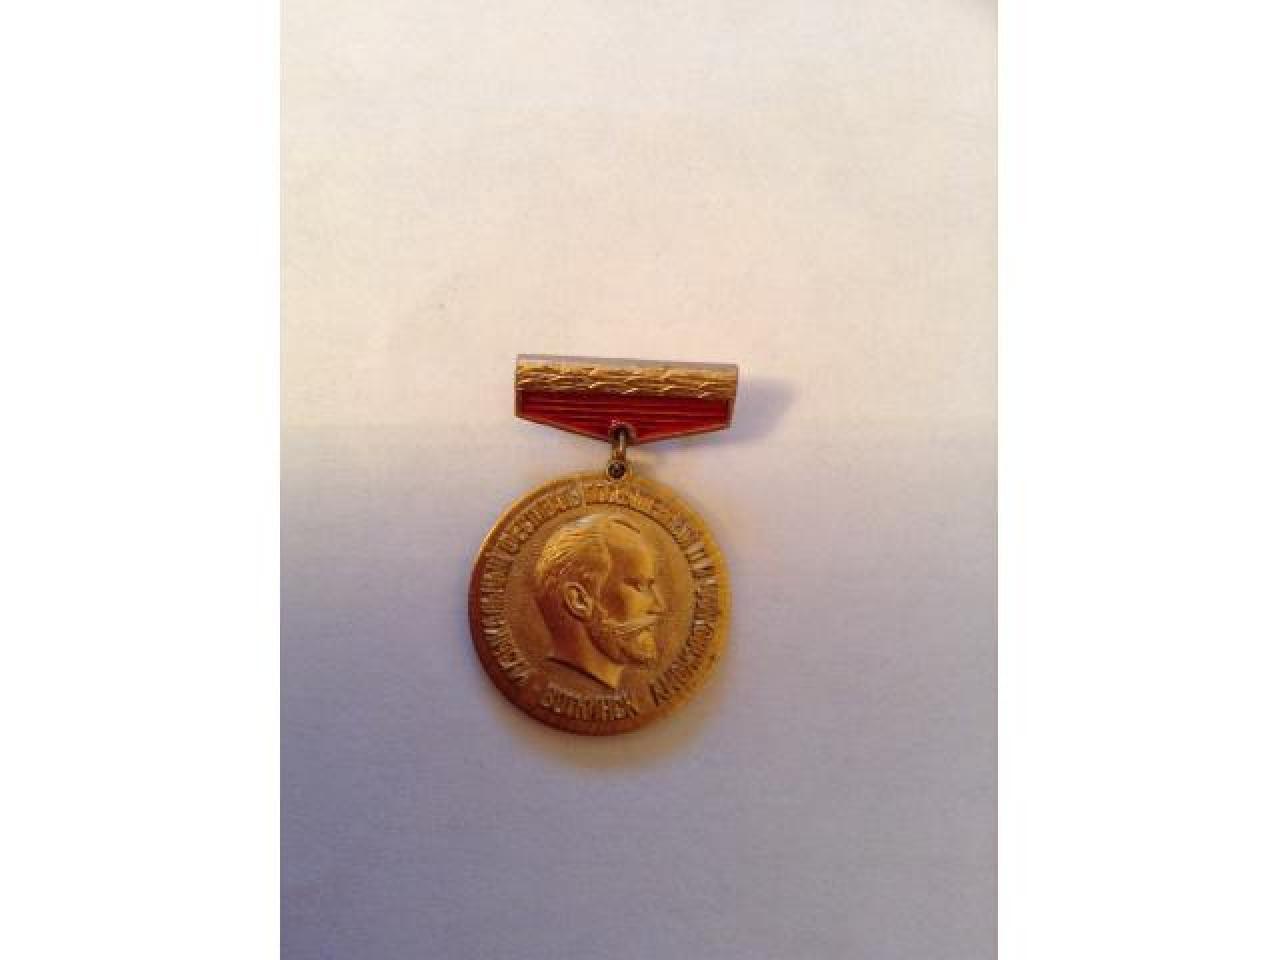 памятная медаль с изображением п.и.чайковского - 1